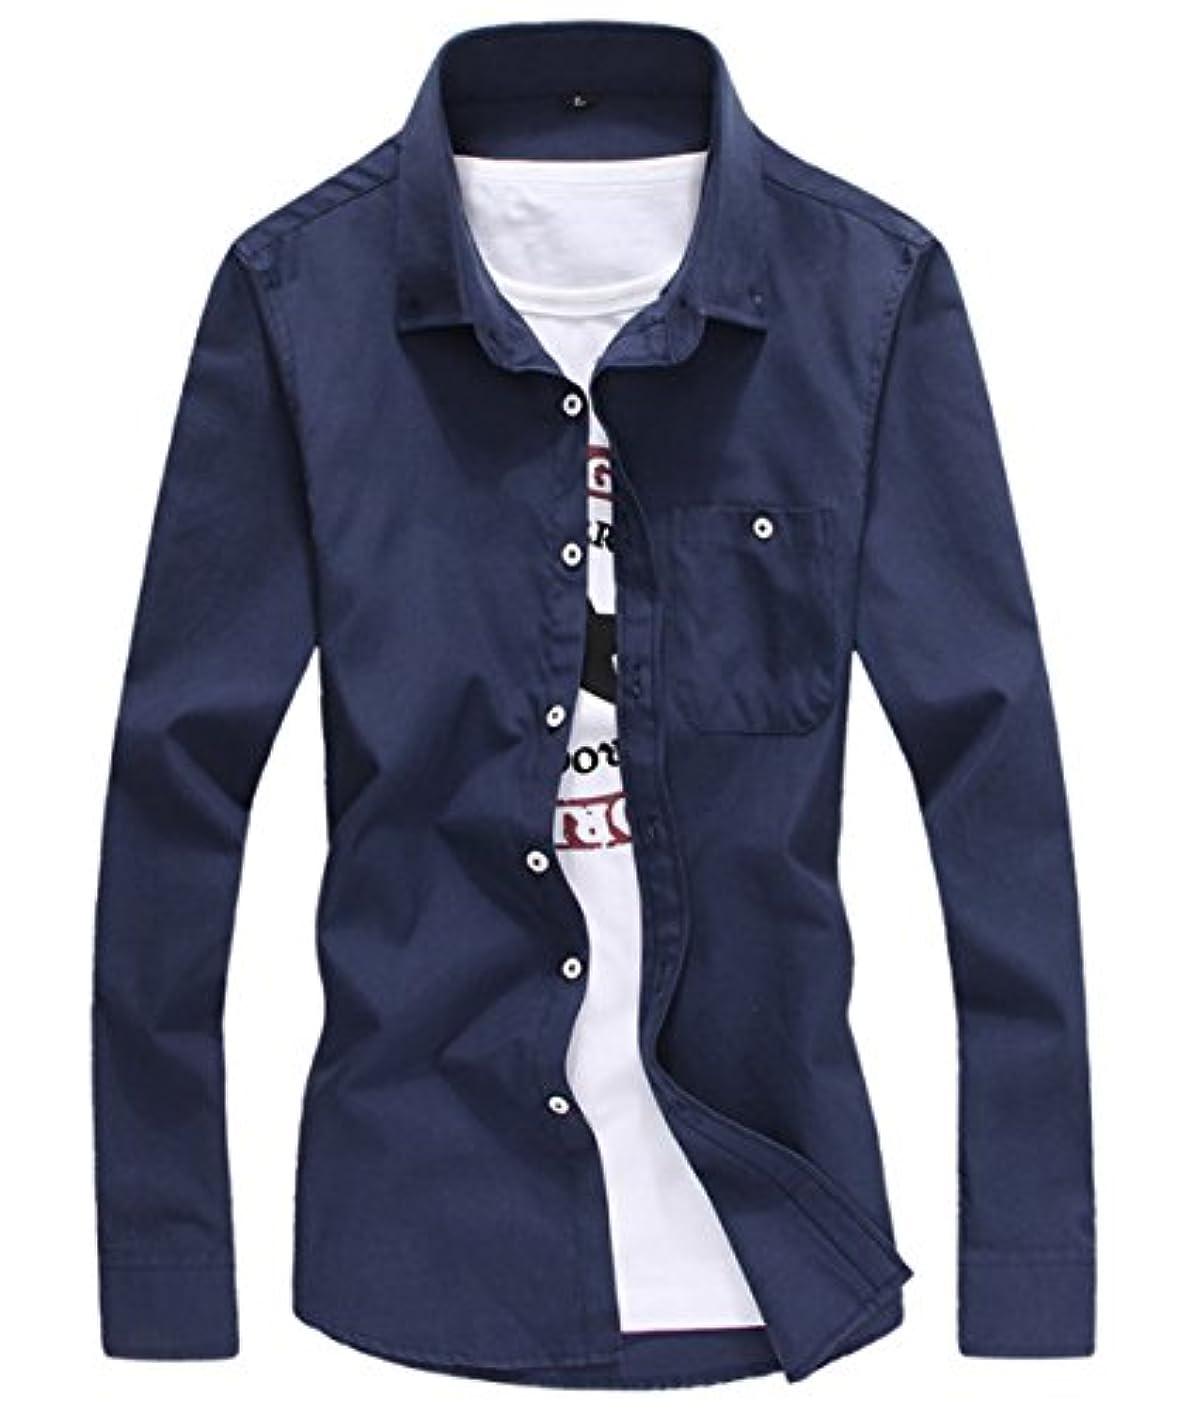 世紀スポーツをするセンチメートル[スゴフィ]SGFY ドレスシャツ メンズ 長袖 スリム ビジネス カジュアル シンプル おしゃれ 襟付き カッターシャツ フィット 無地 8色展開 (L, ネイビー)